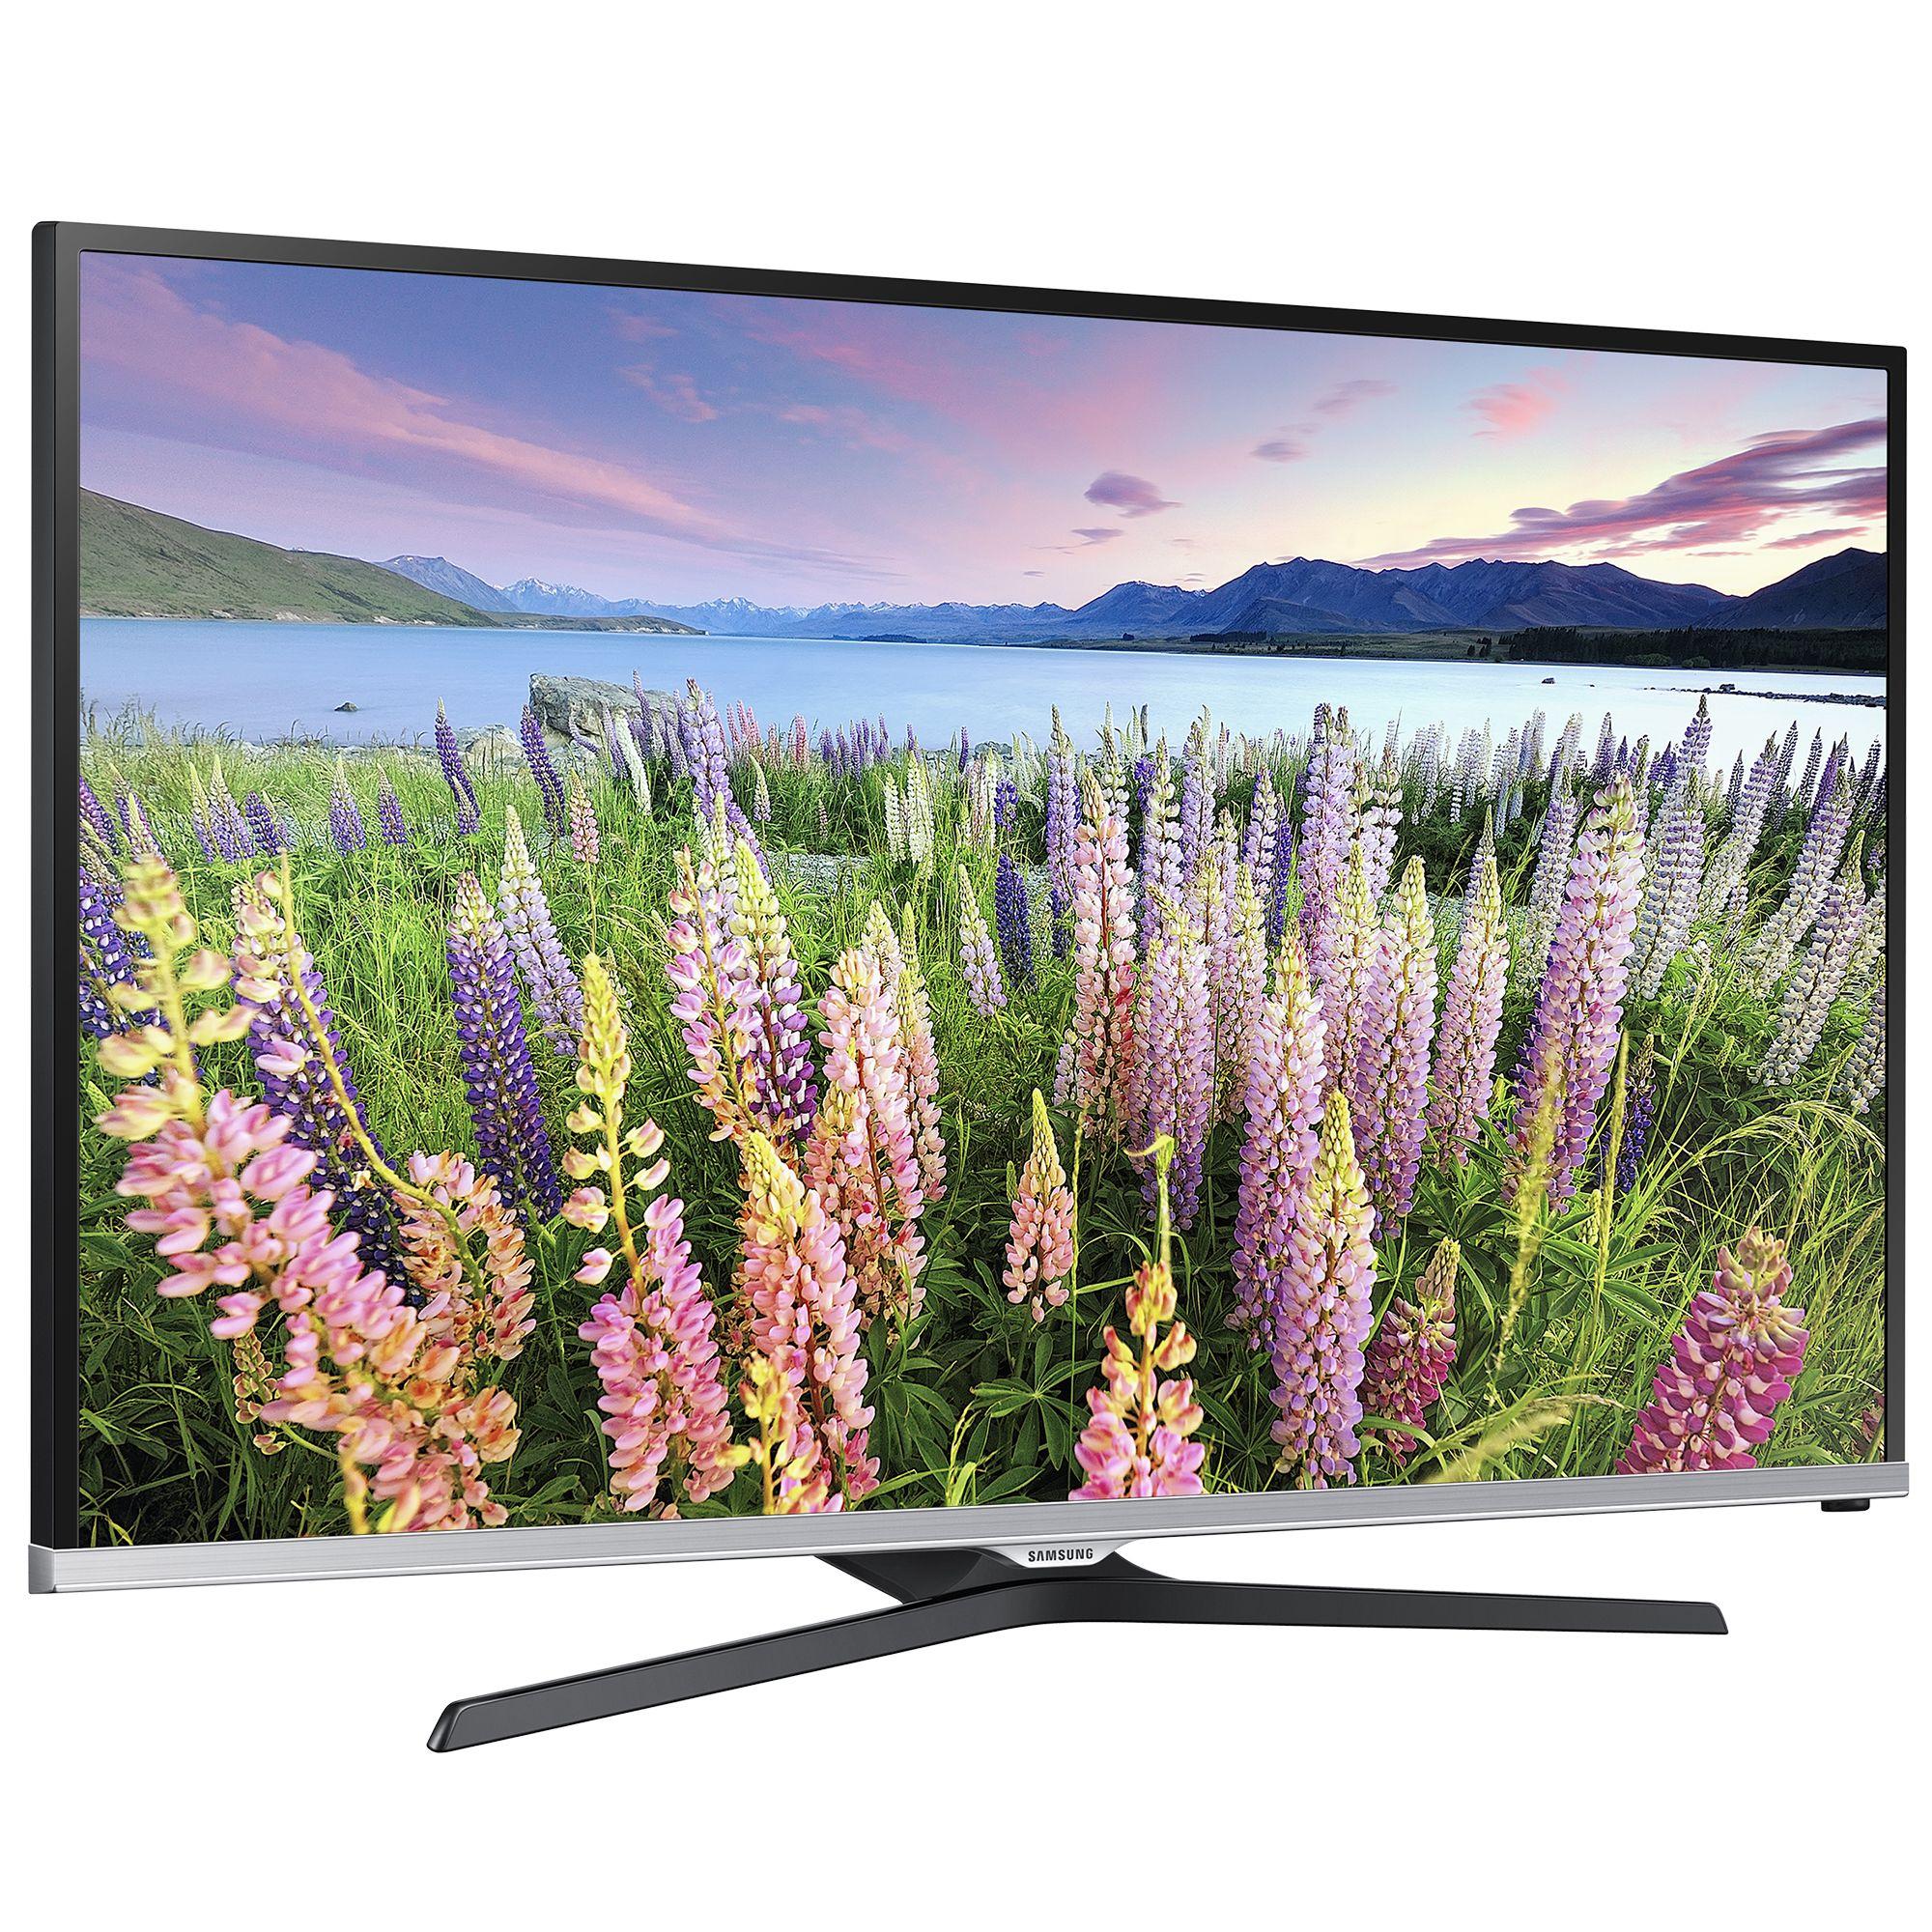 telewizor do firmy